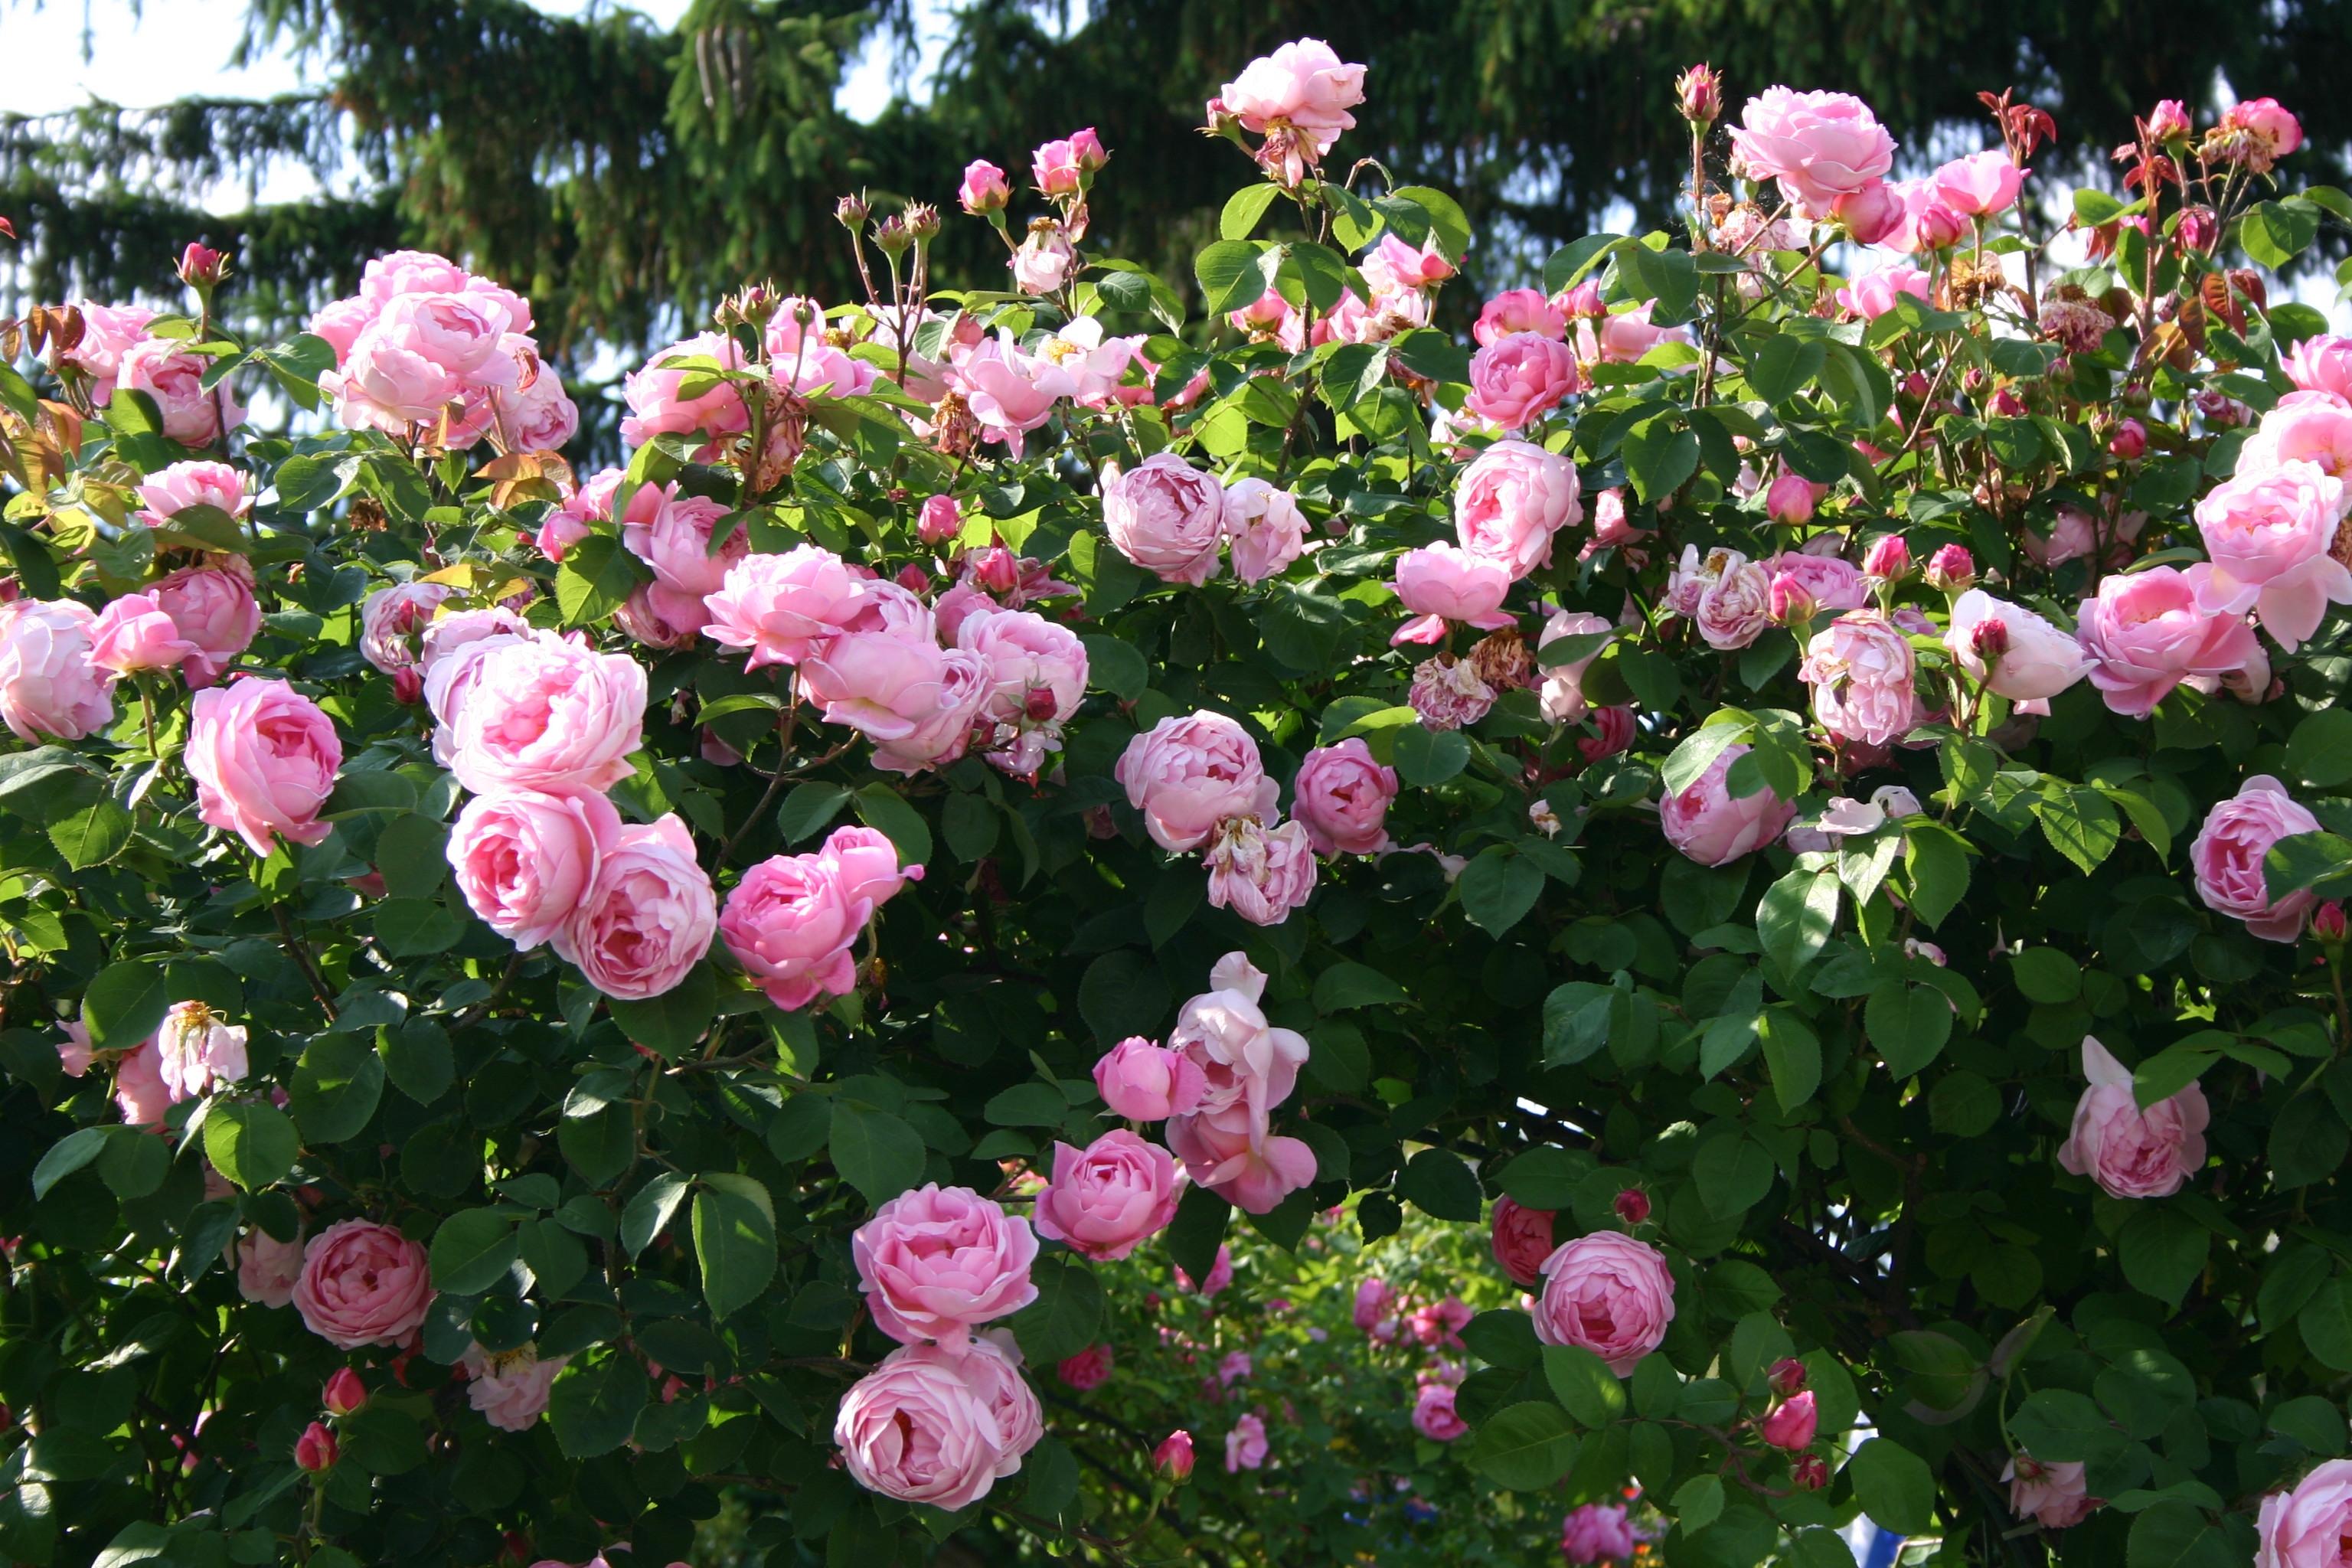 1000 images about enchanting roses on pinterest. Black Bedroom Furniture Sets. Home Design Ideas